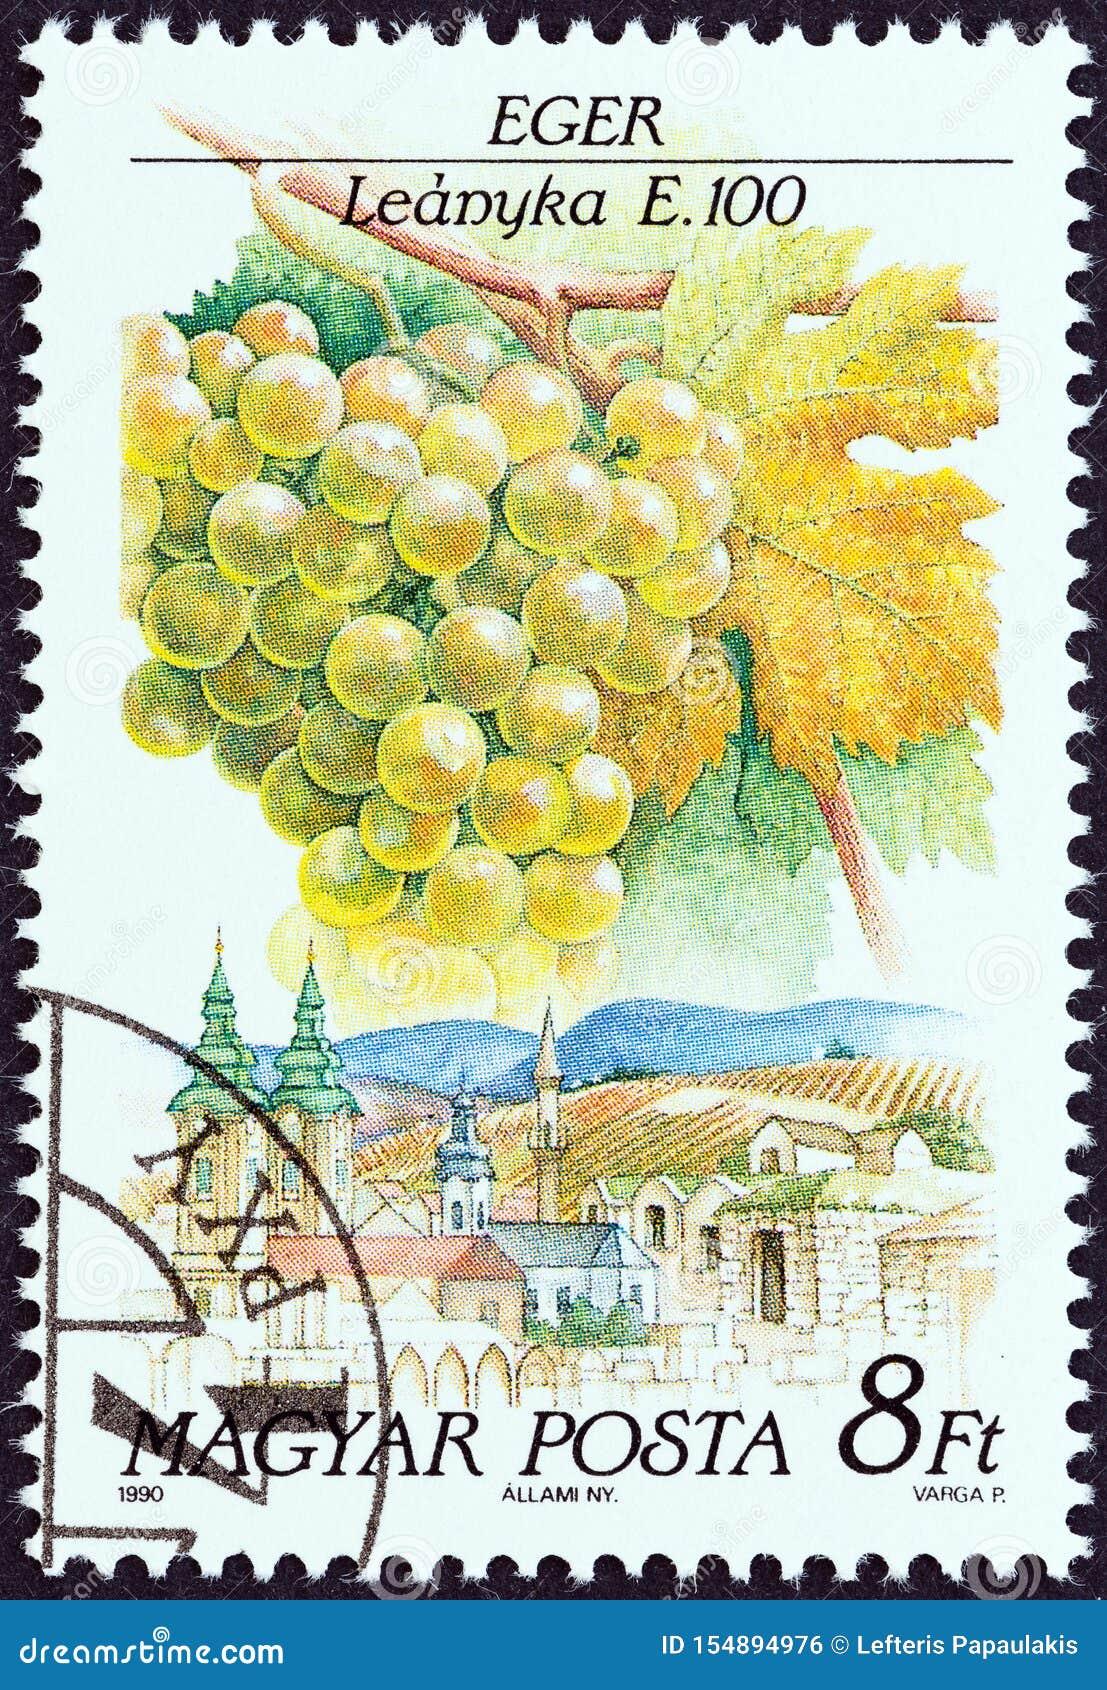 WĘGRY - OKOŁO 1990: Znaczek drukujący w Węgry pokazuje Leanyka, Eger, około 1990